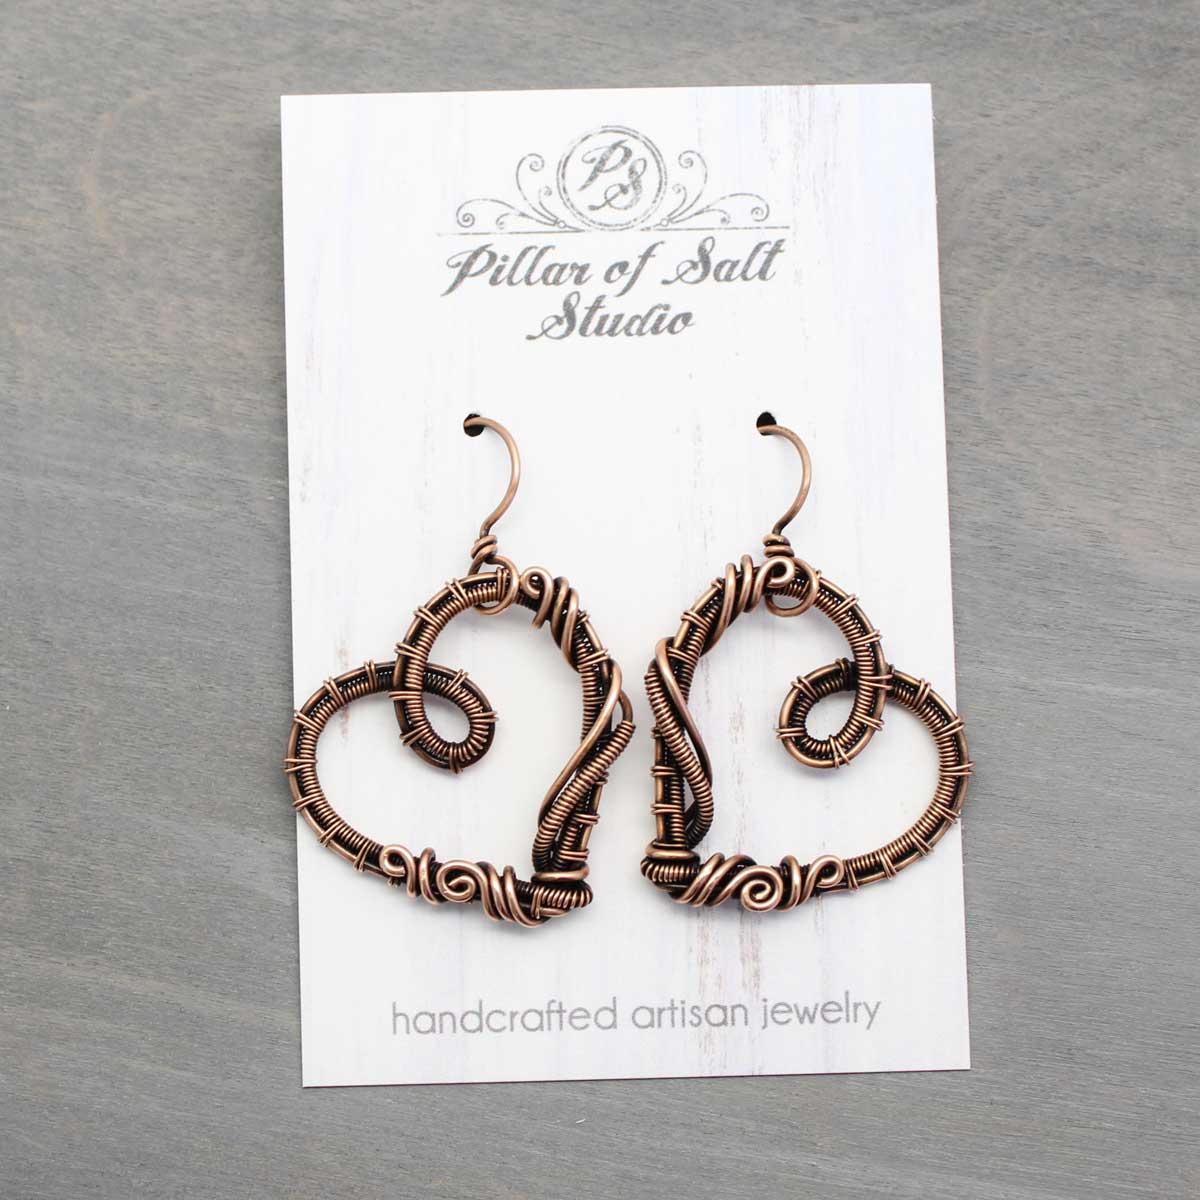 woven wire copper heart earrings jewelry Pillar of Salt Studio